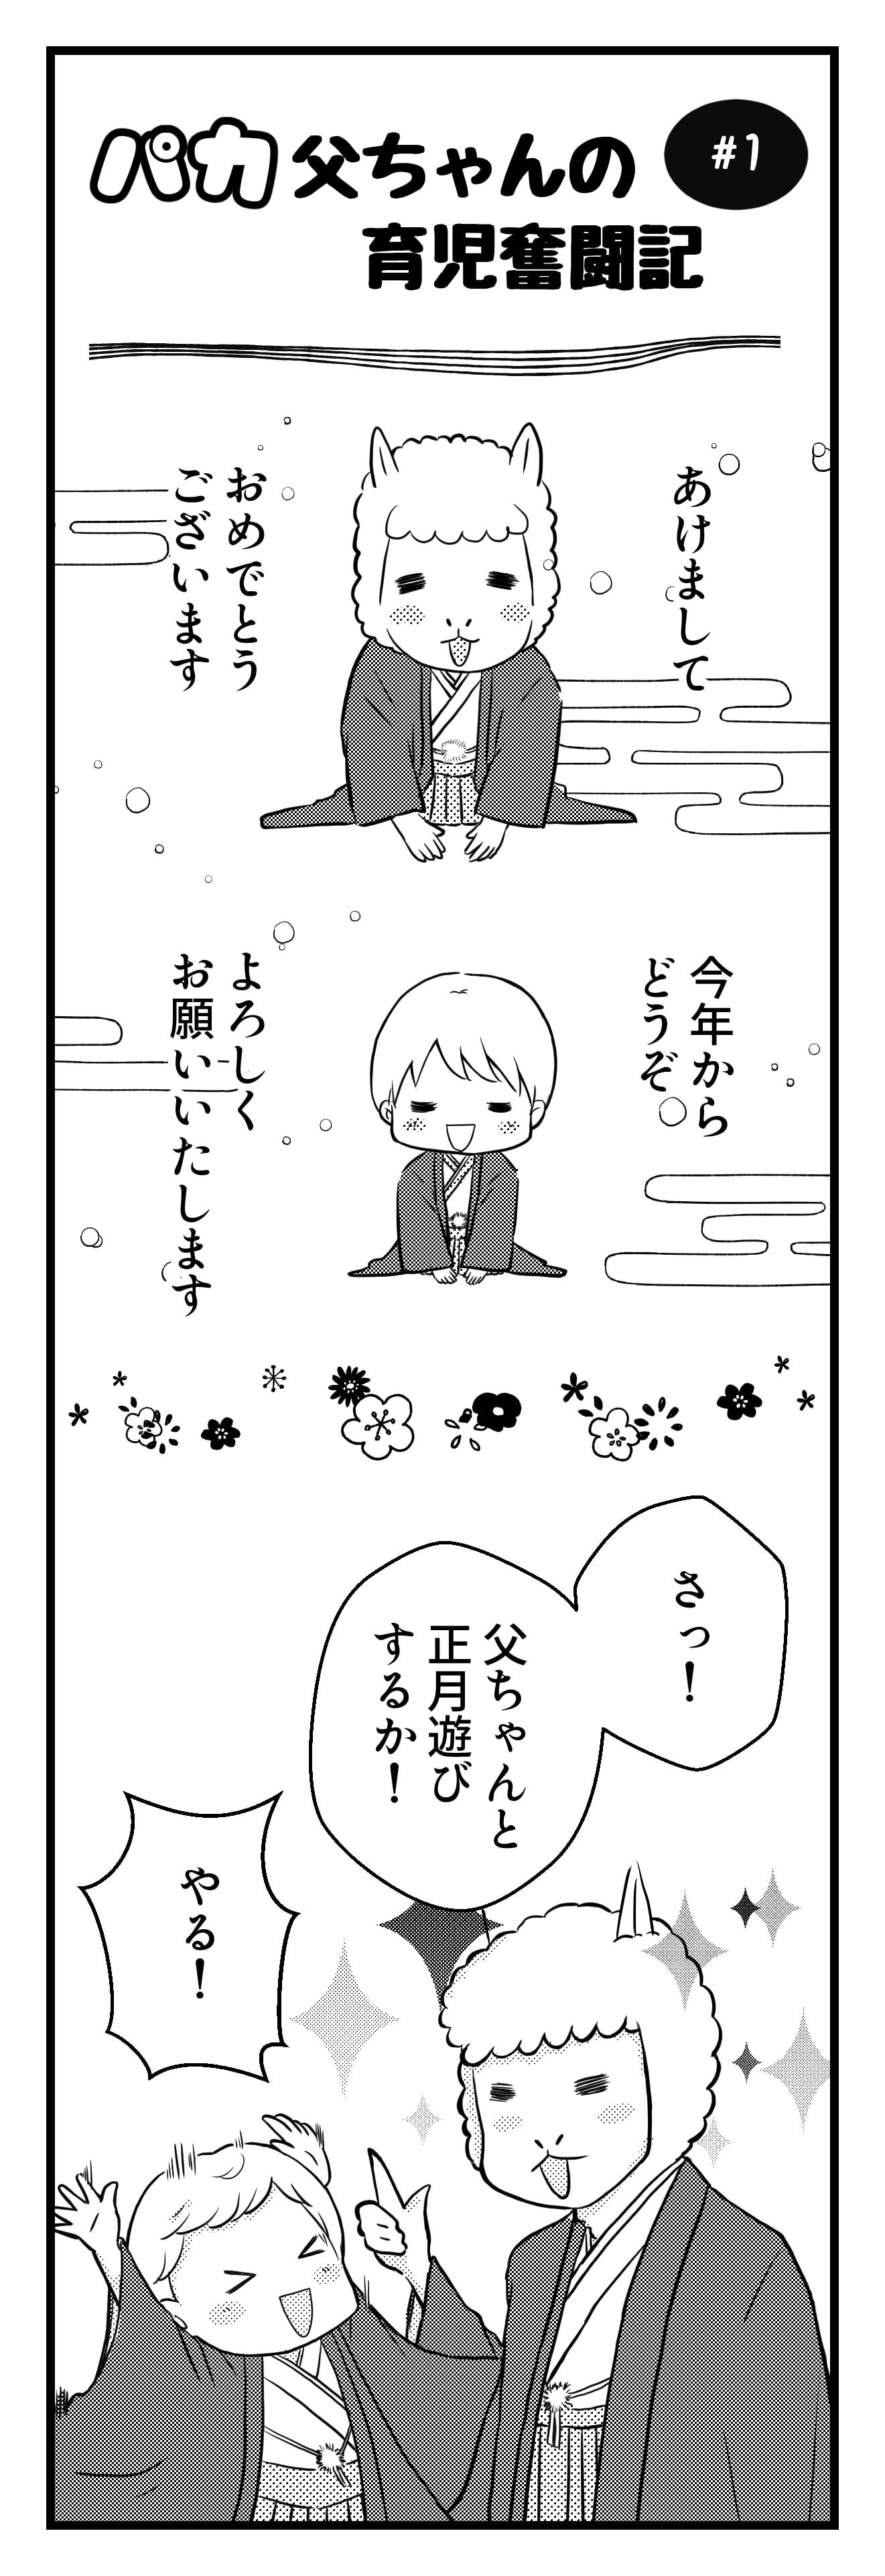 創作四コマ漫画